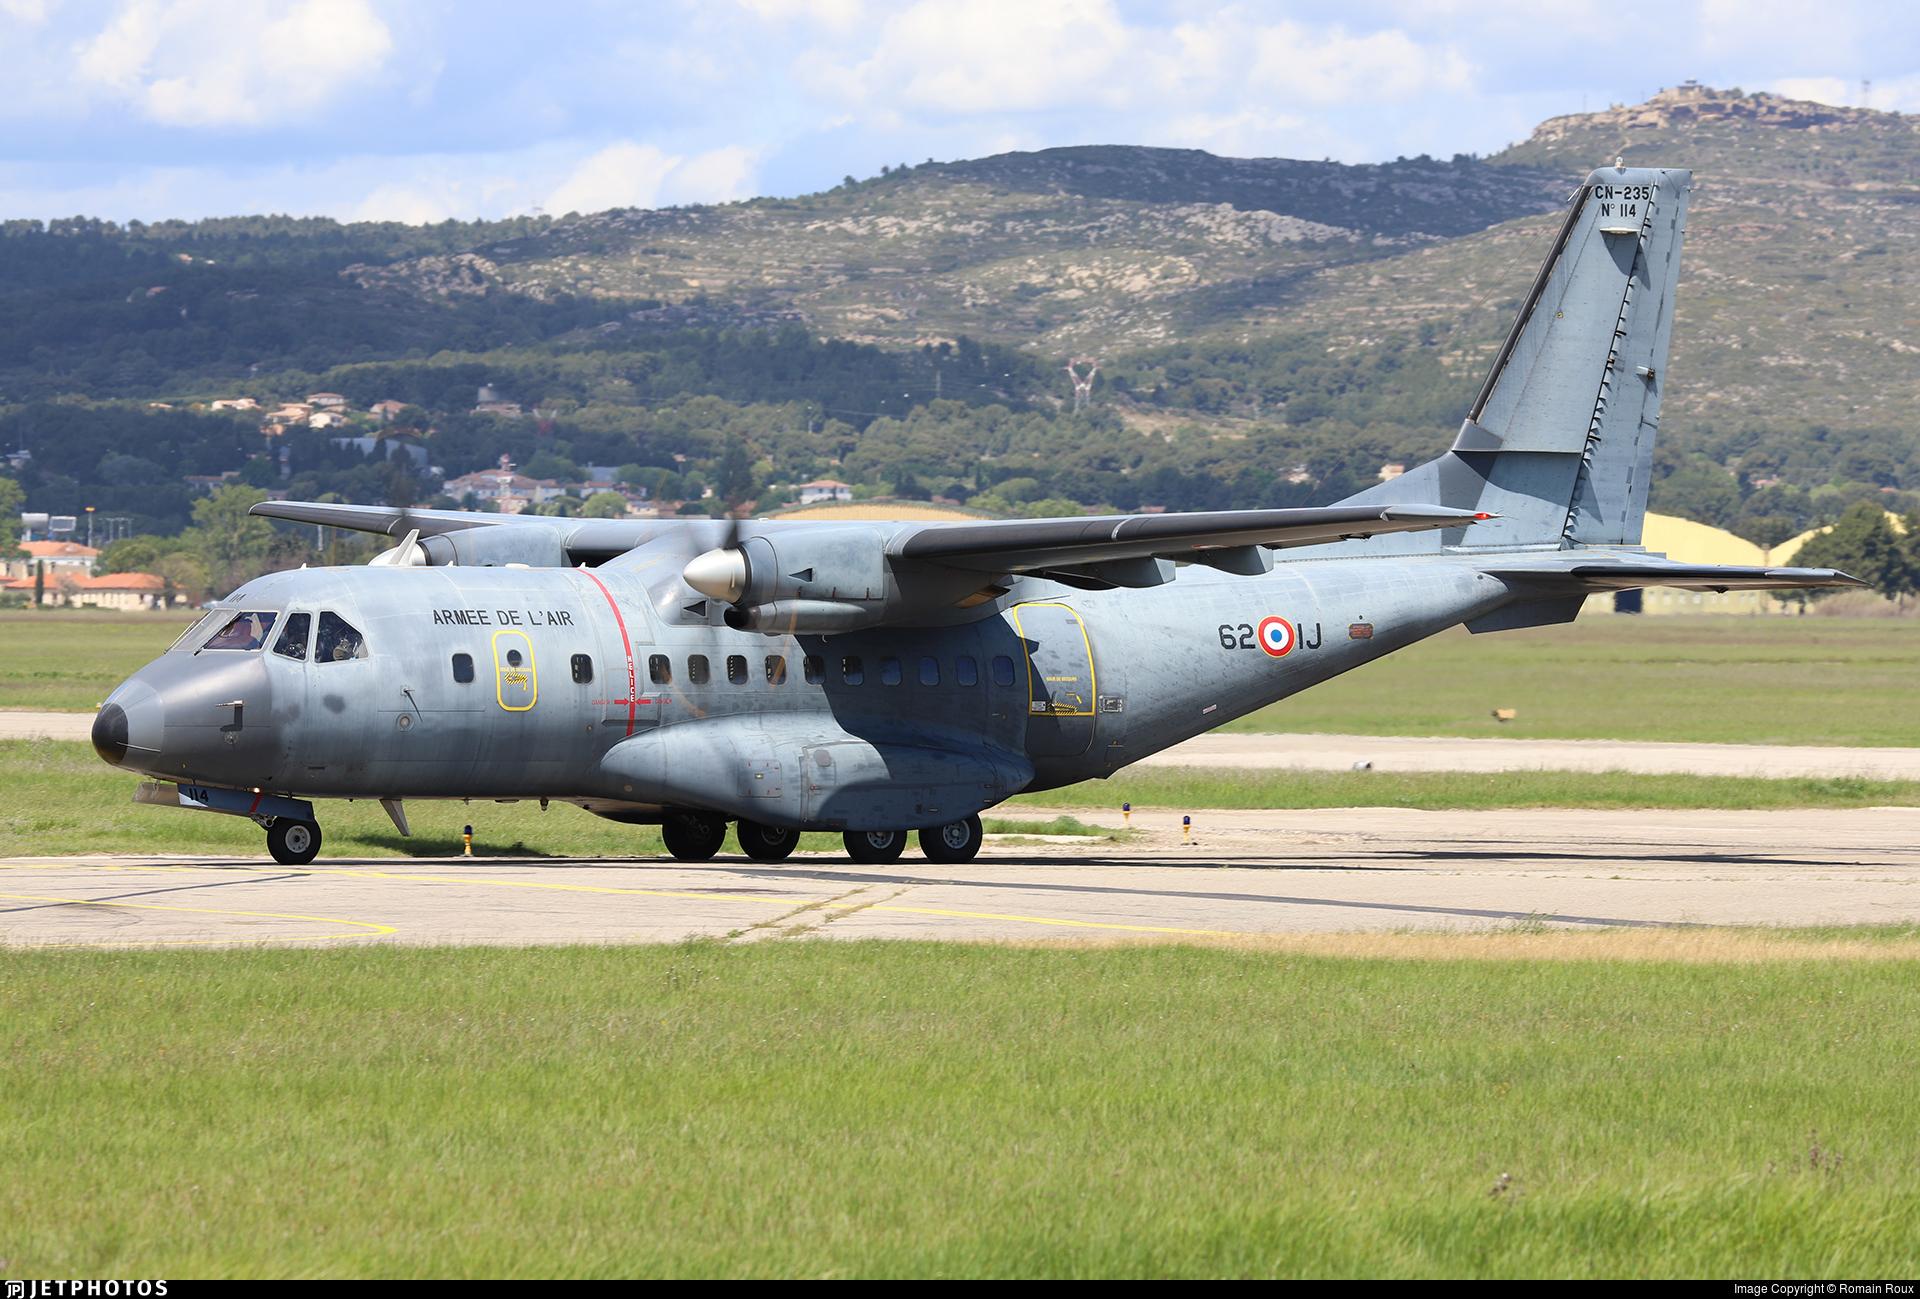 114 - CASA CN-235M-200 - France - Air Force